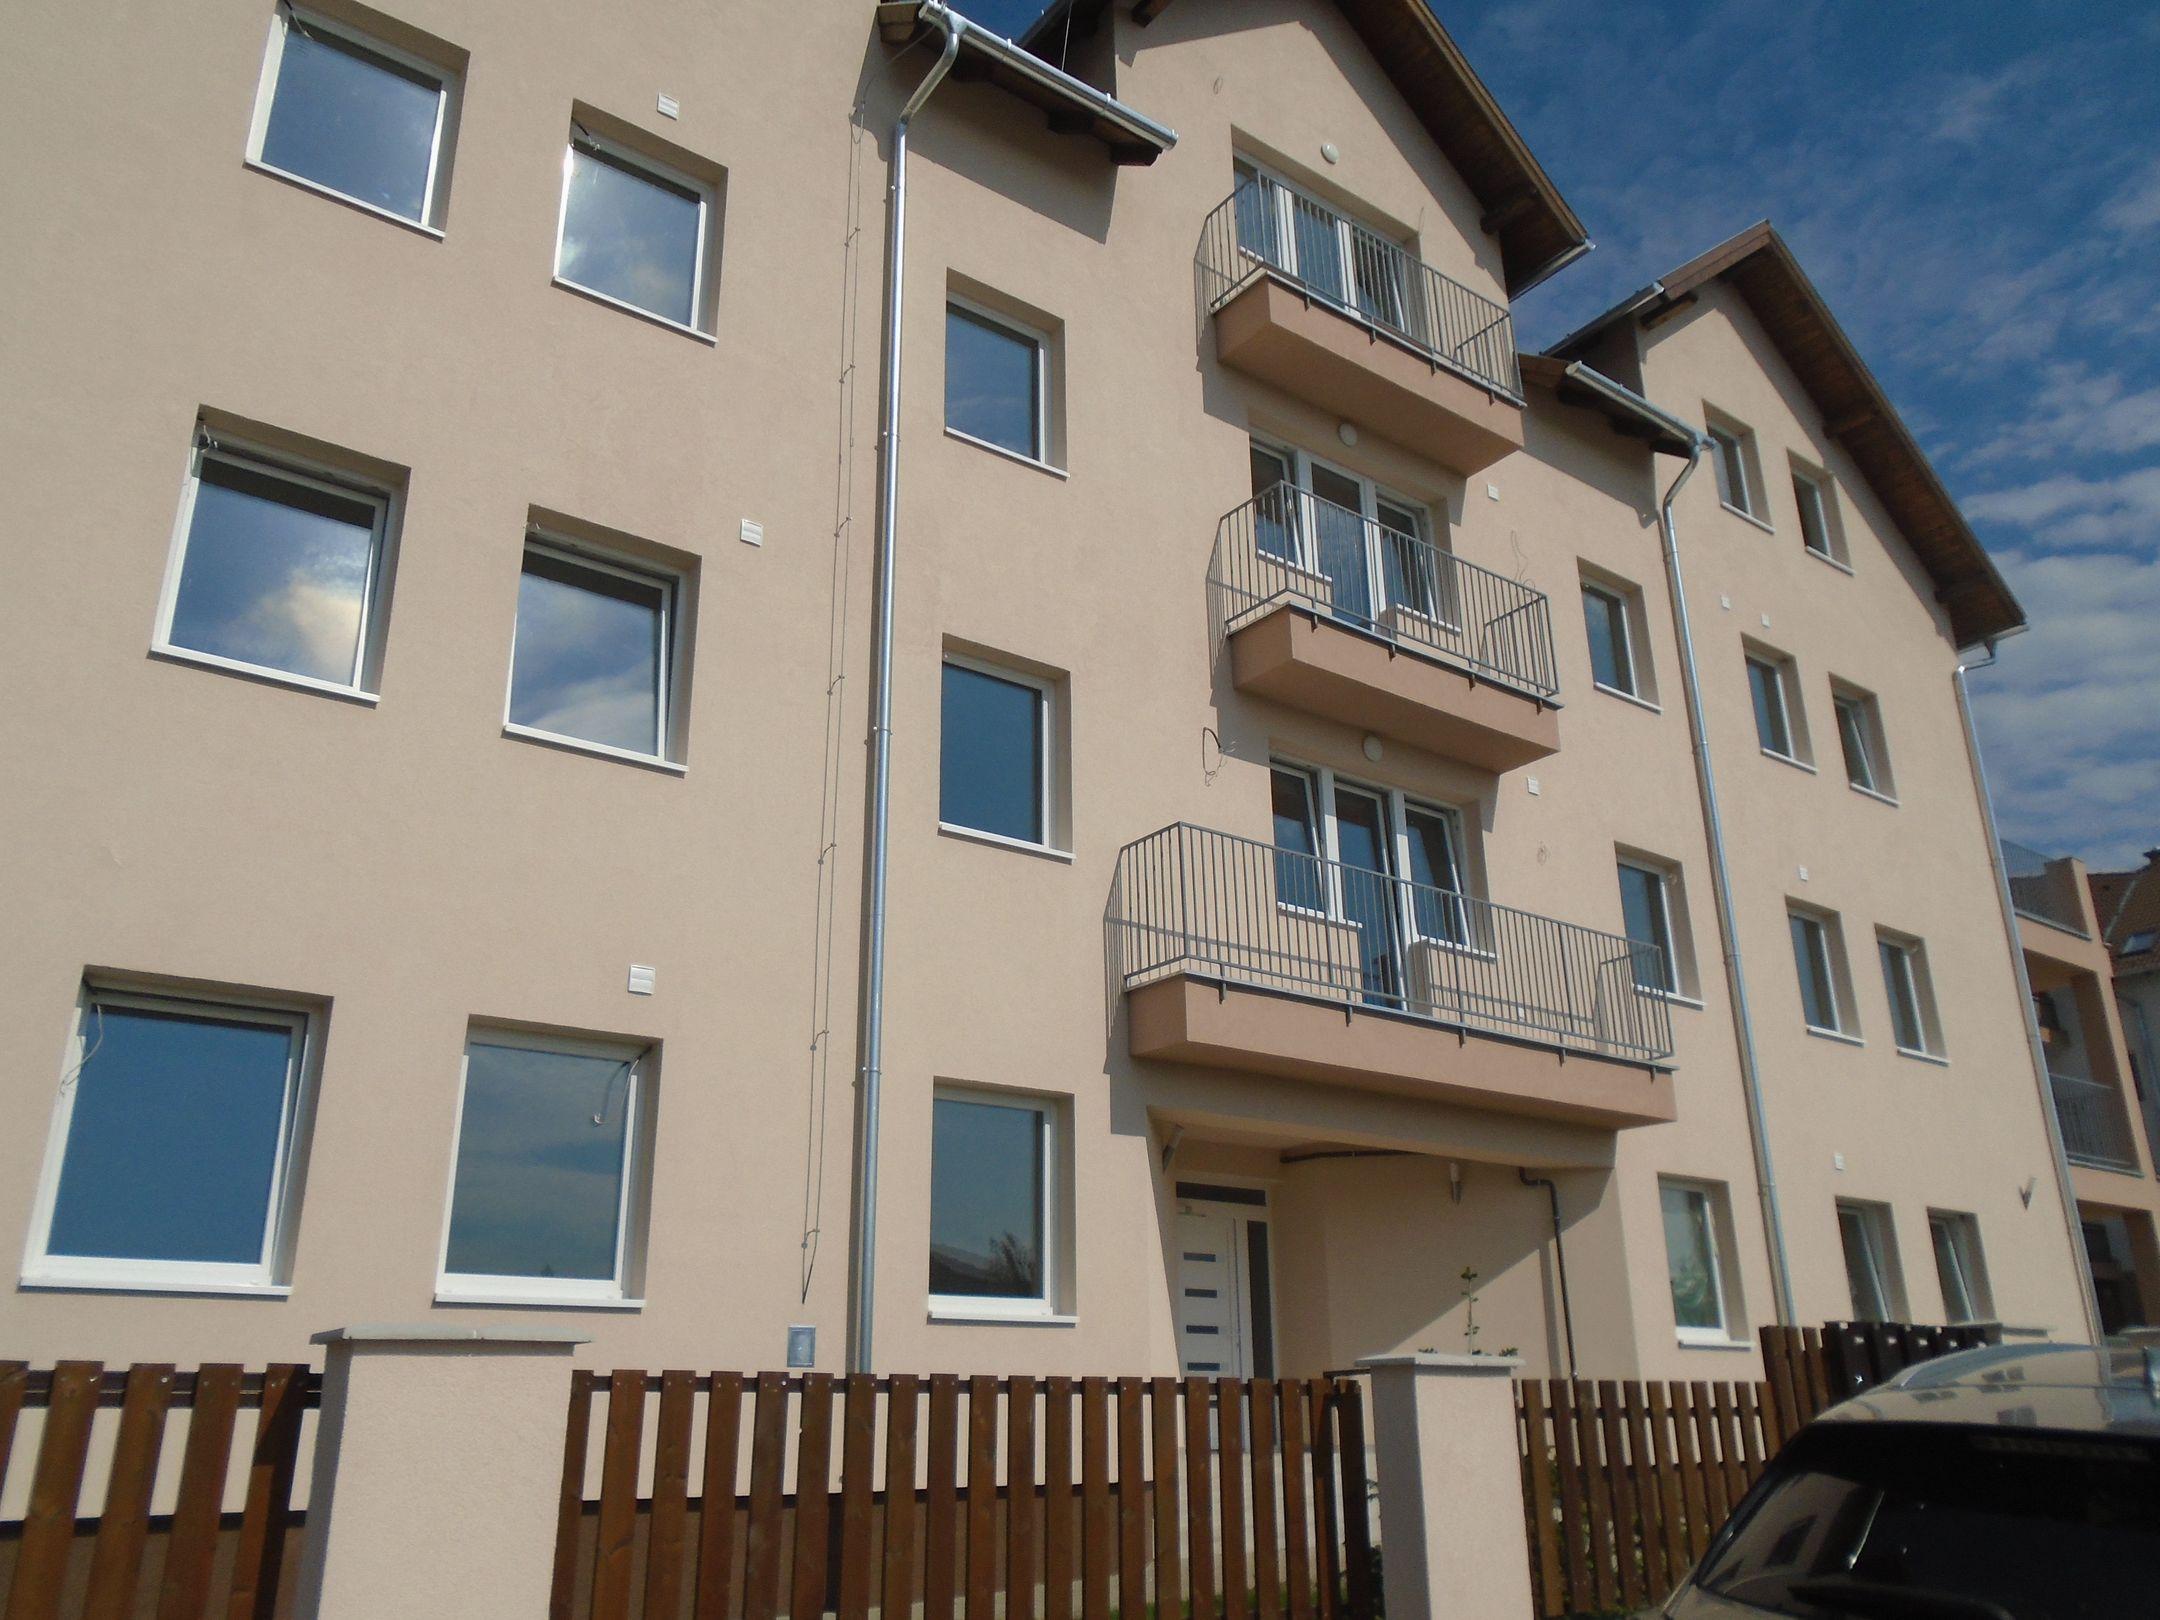 Gyömrő egyik új lakóparkjában,igényesen kivitelezett,új építésű társasházi lakások eladók!